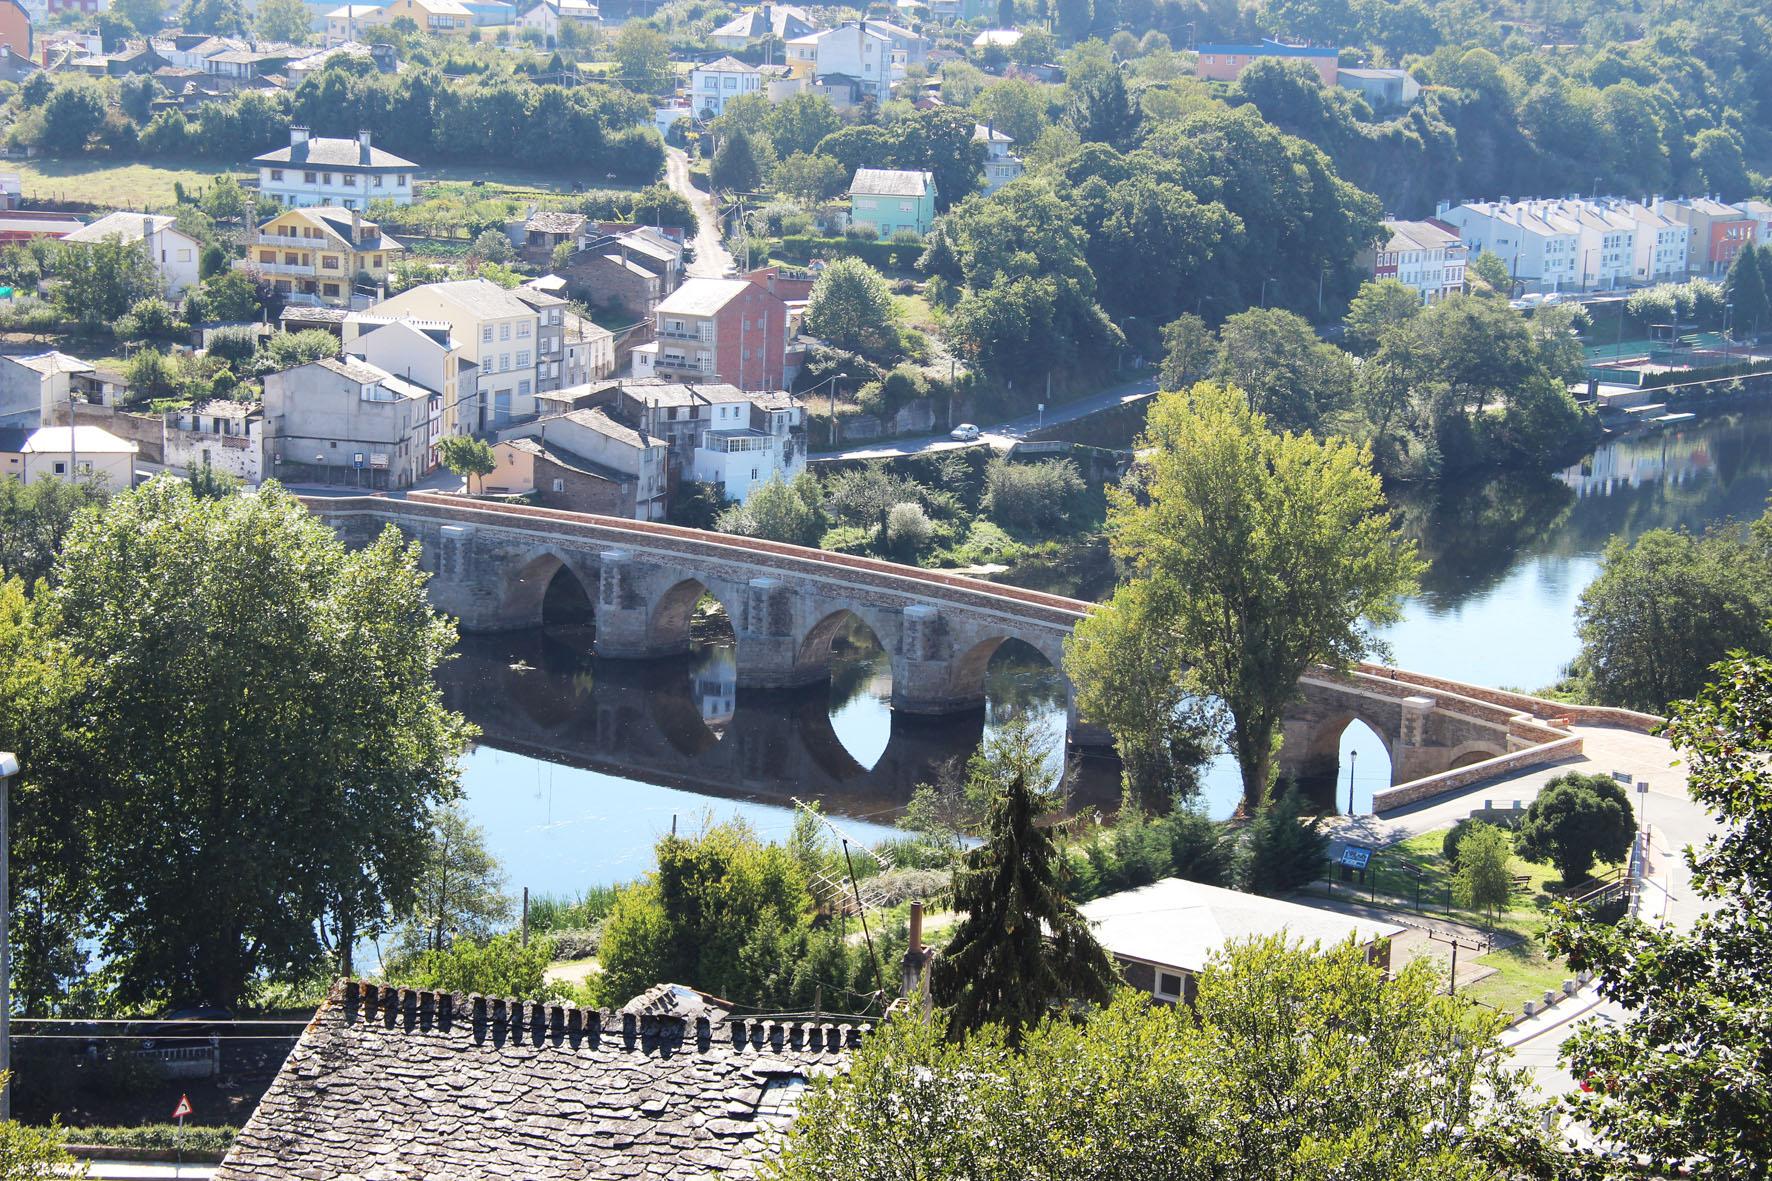 Puente Romano Caudal Fest